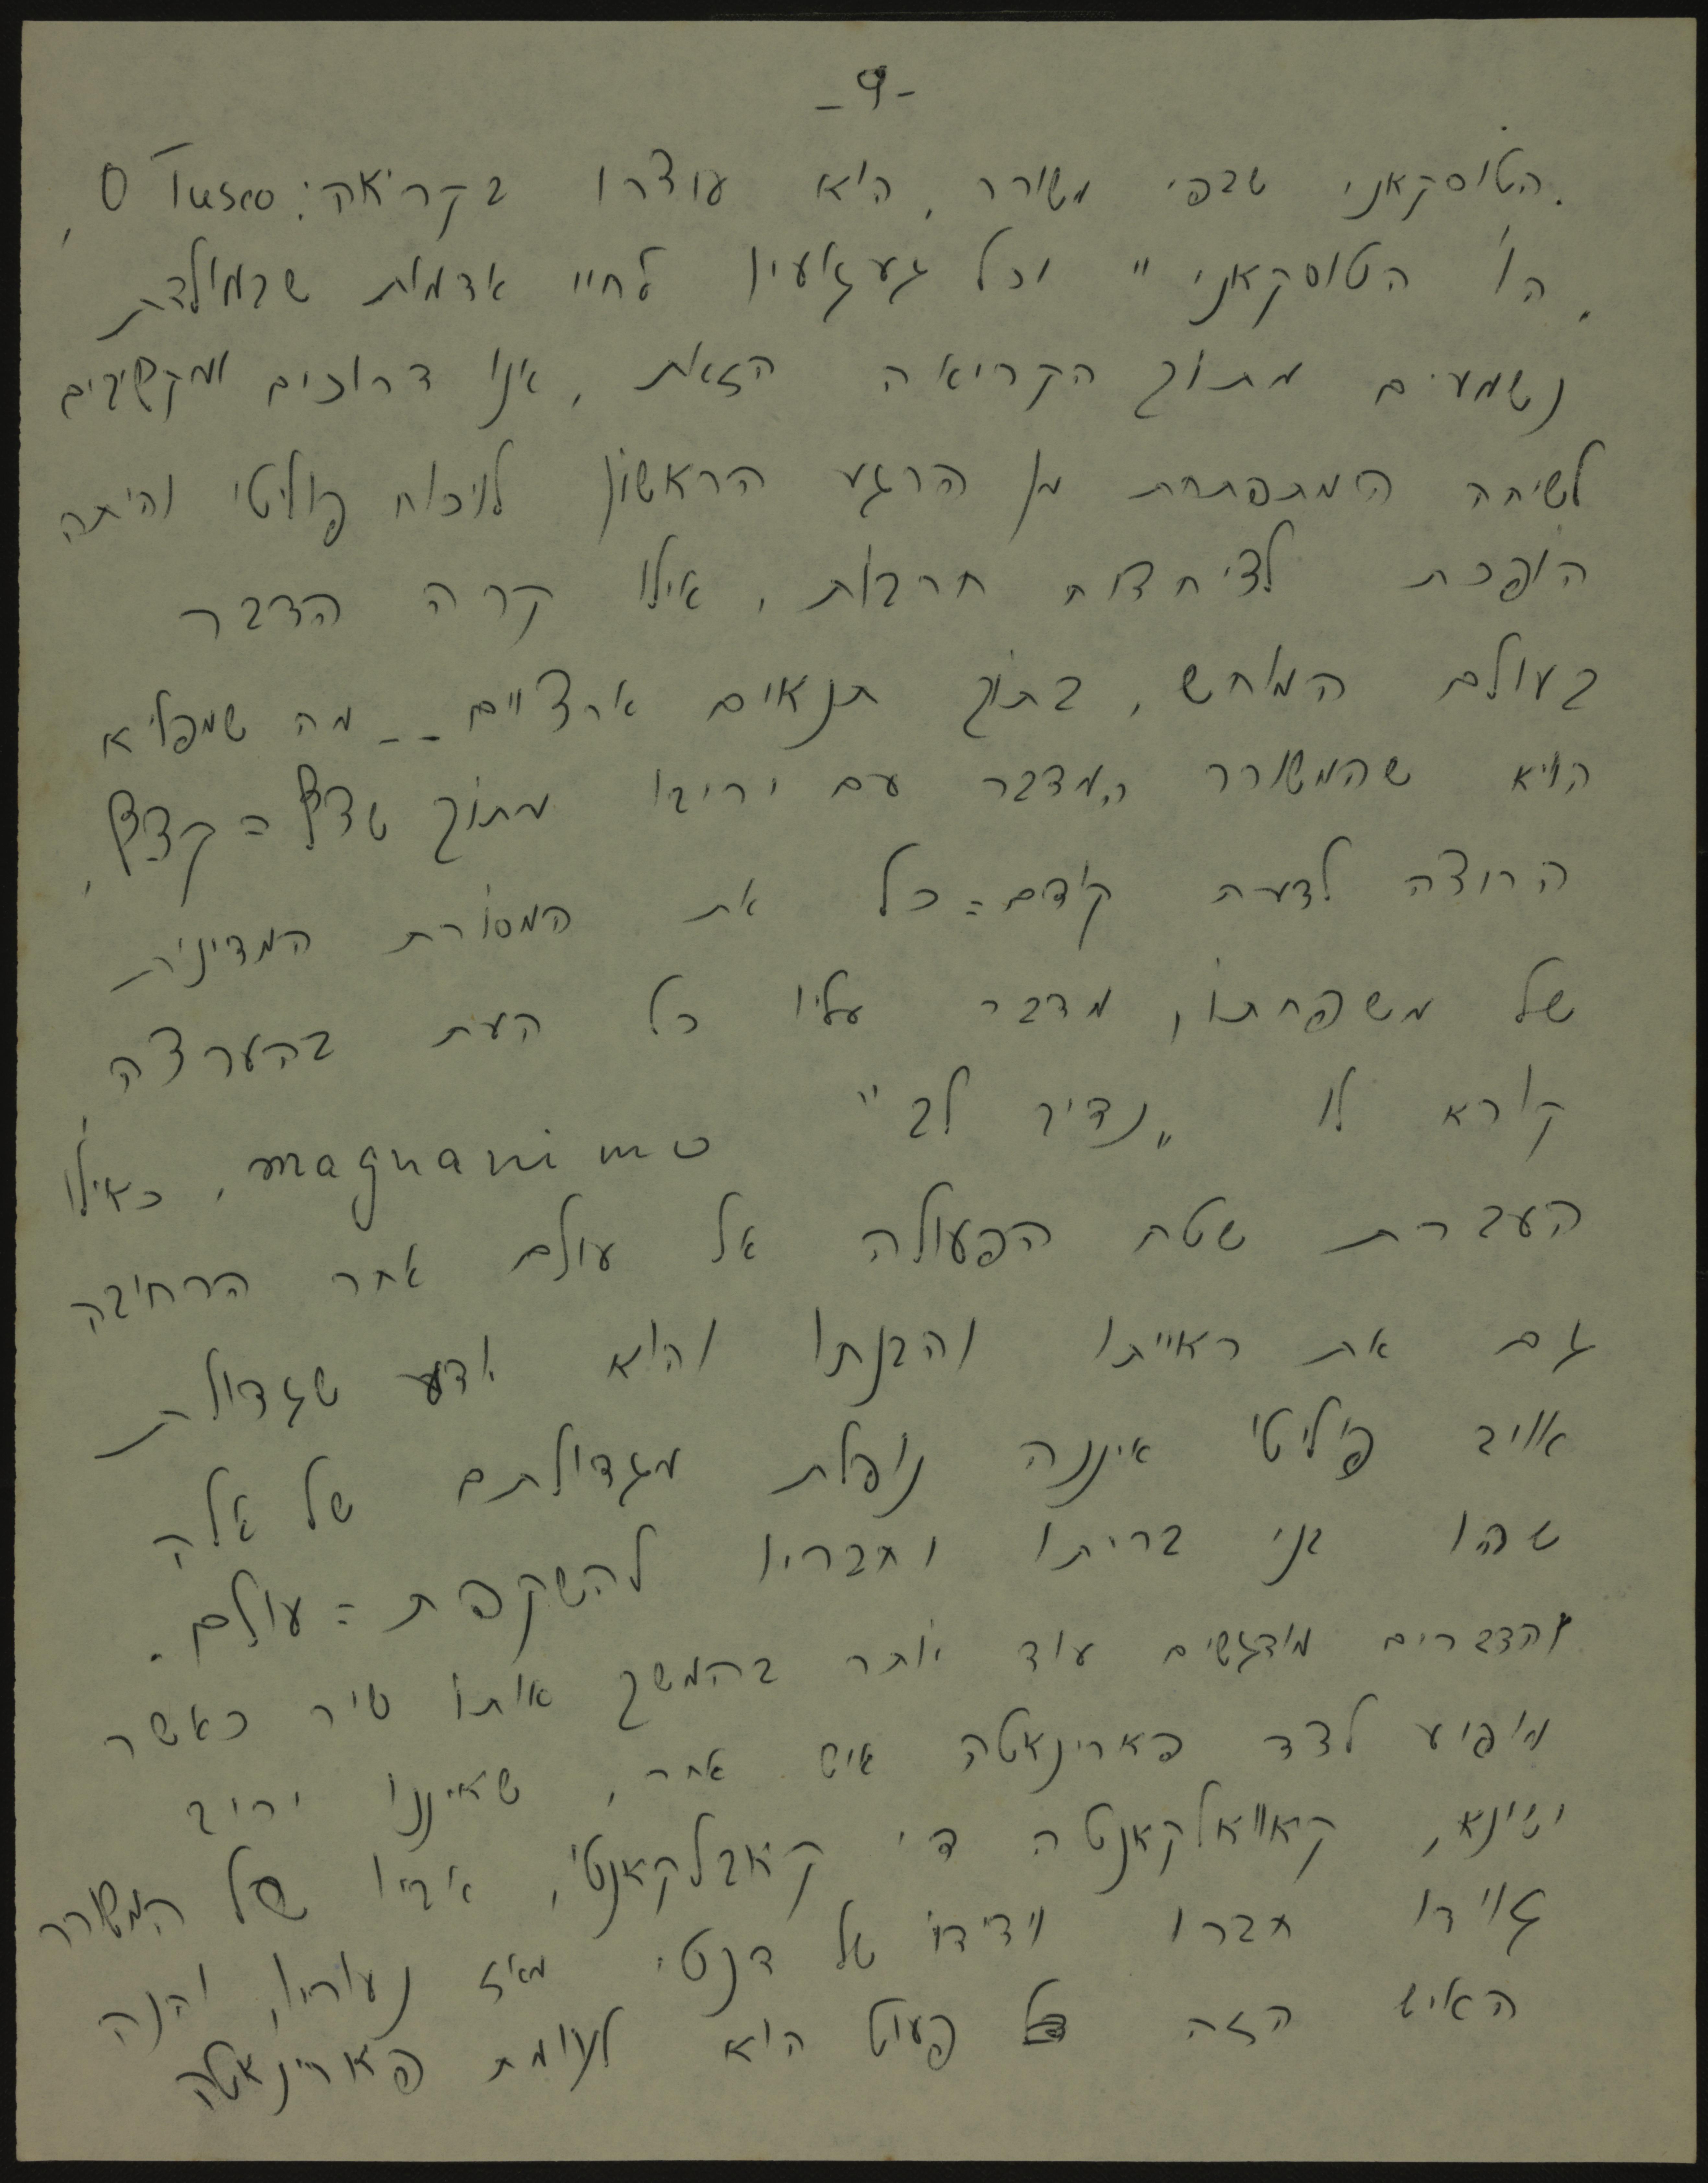 מתוך נאום למלאת שבע מאות שנה להולדת דנטה.לחצו לצפייה בכתב היד מתוך אוסף לאה גולדברג בספרייה הלאומית